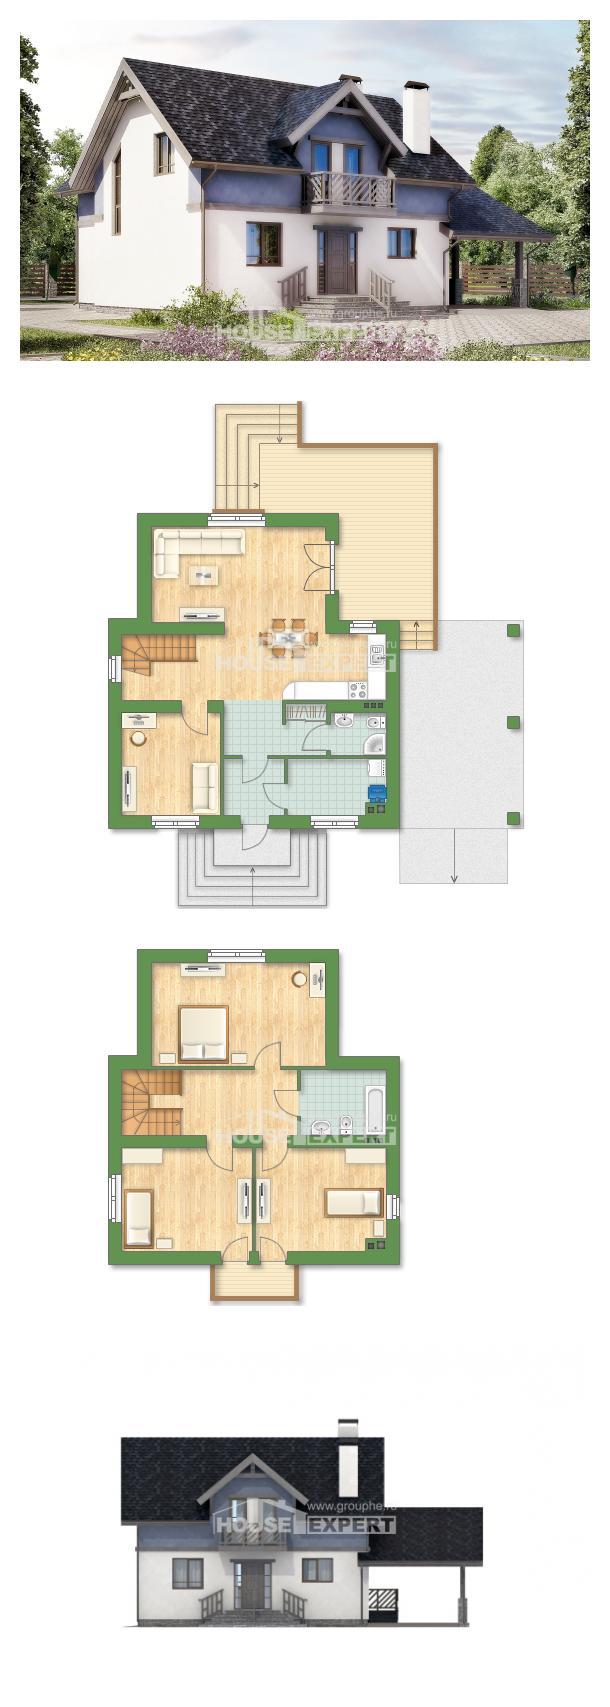 Plan 150-011-R | House Expert